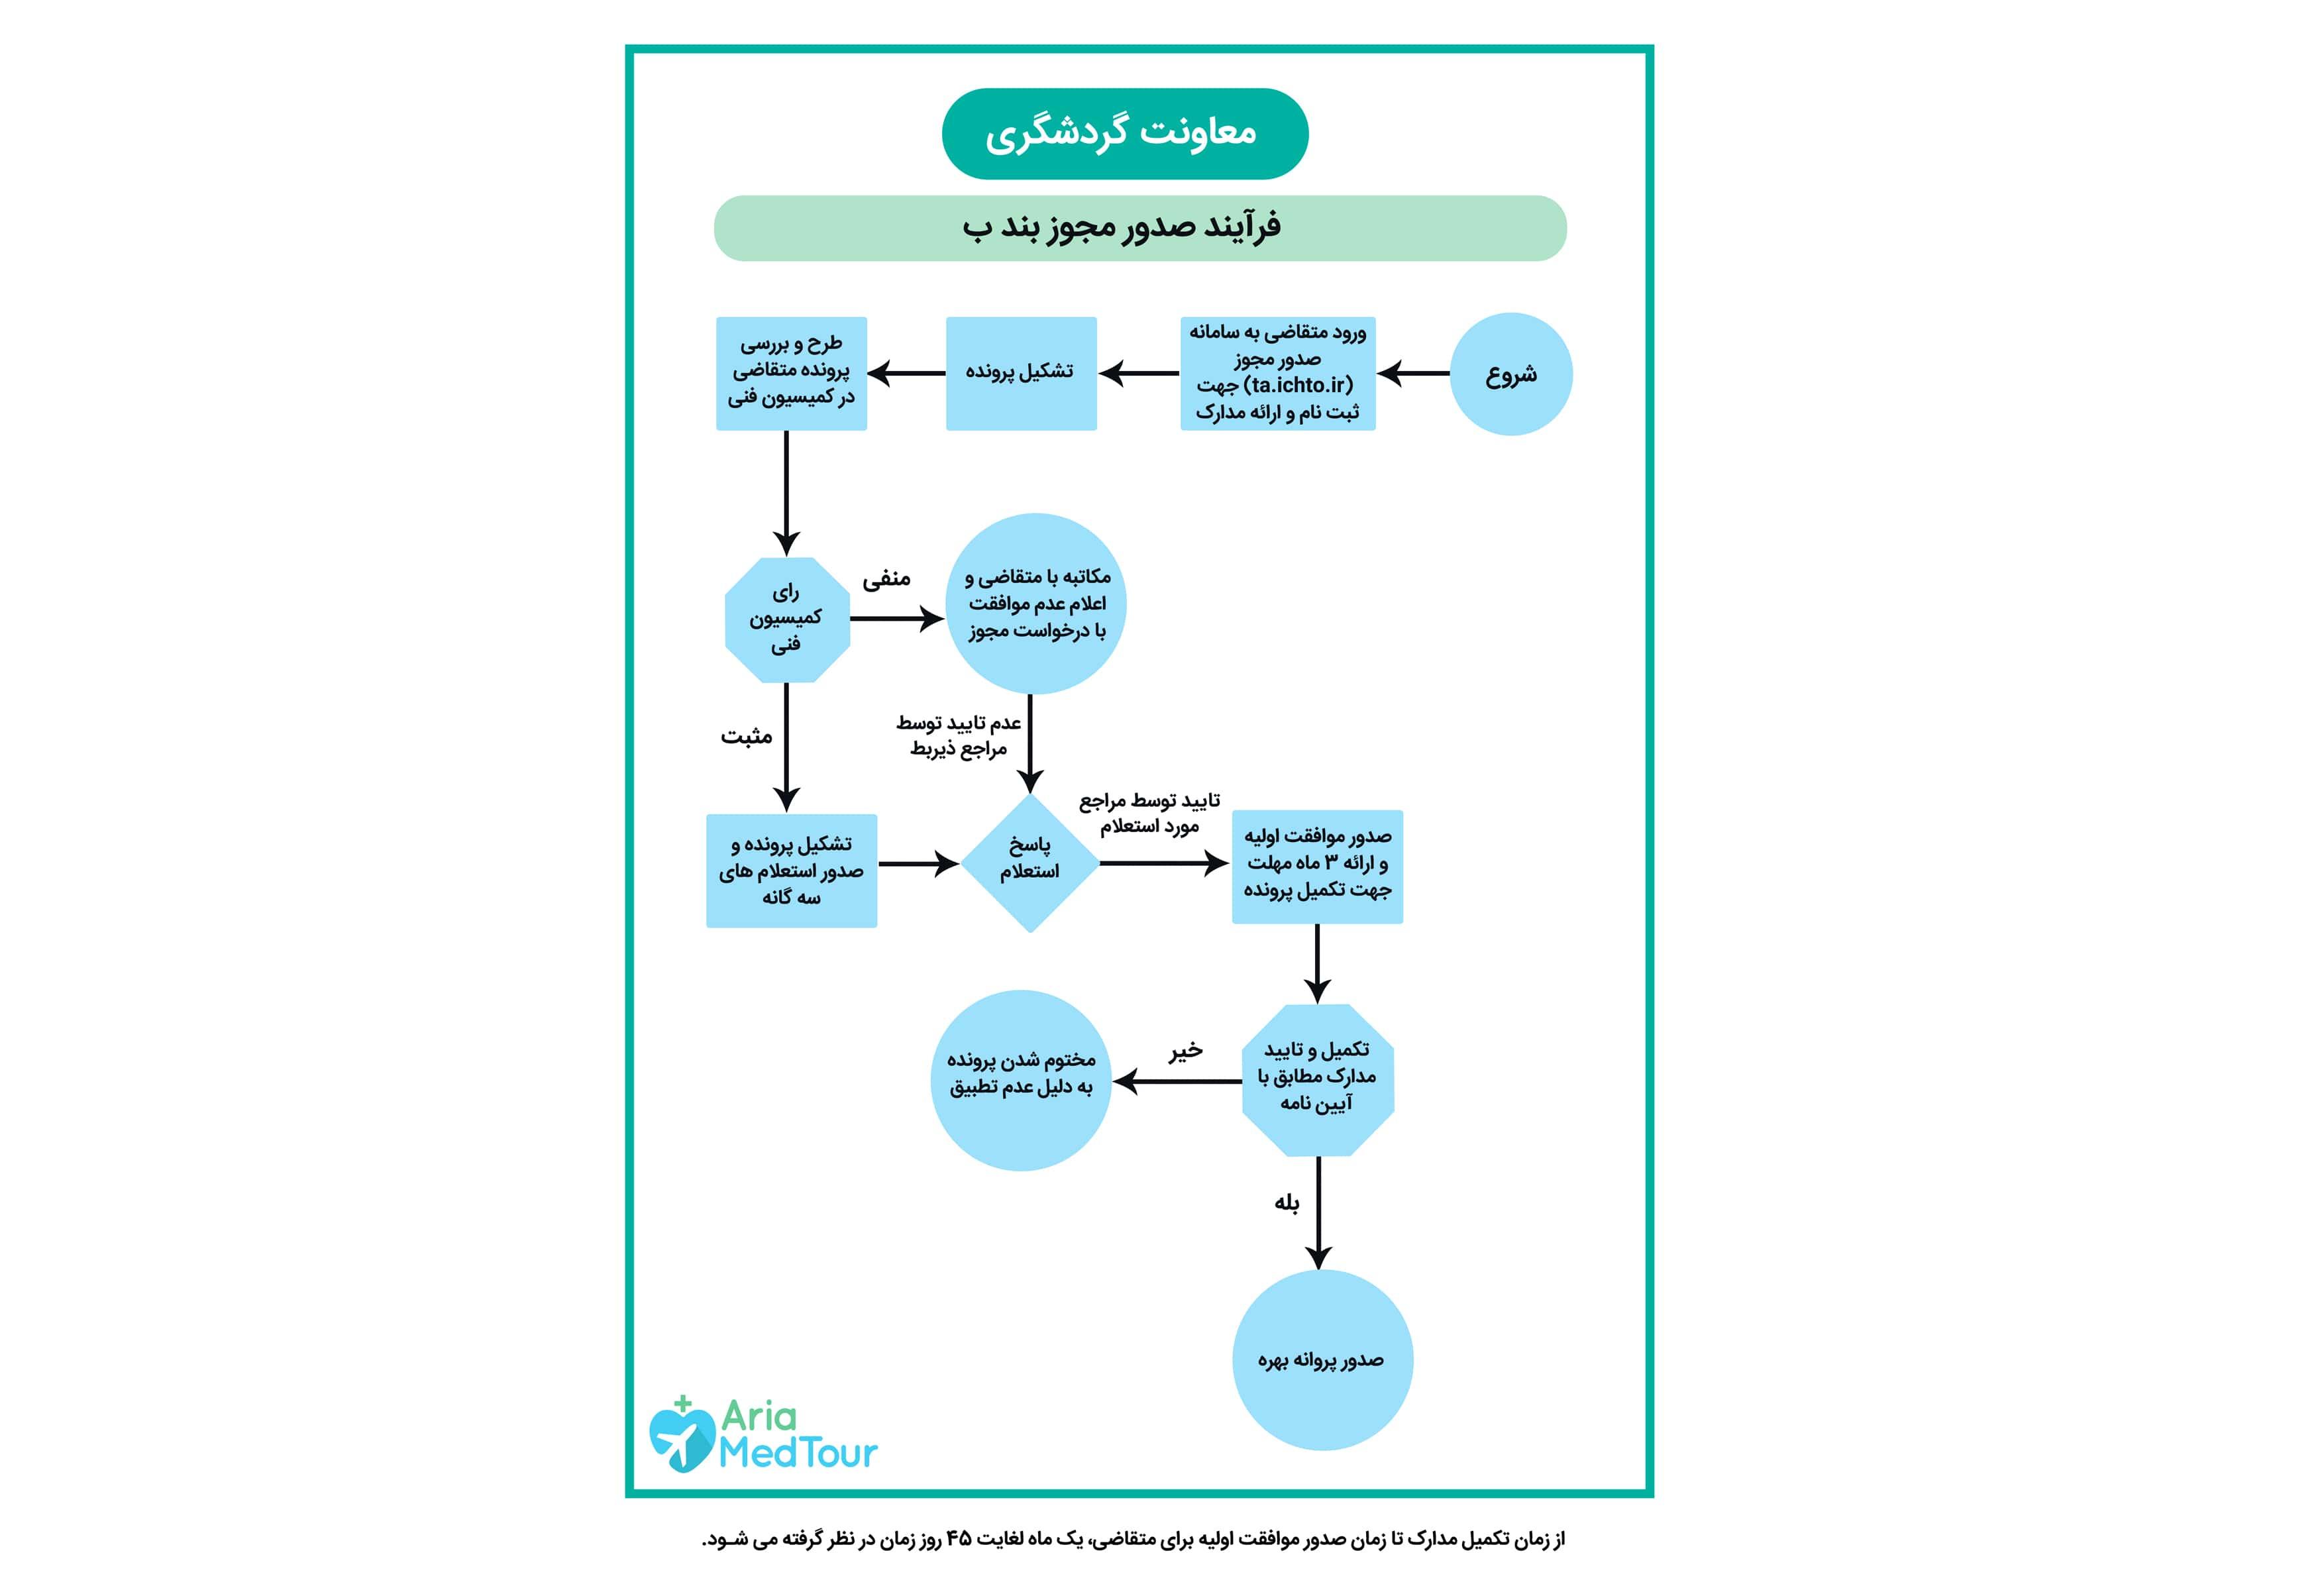 نمودار فرایند صدور مجوز بند ب برای تأسیس شرکت گردشگری